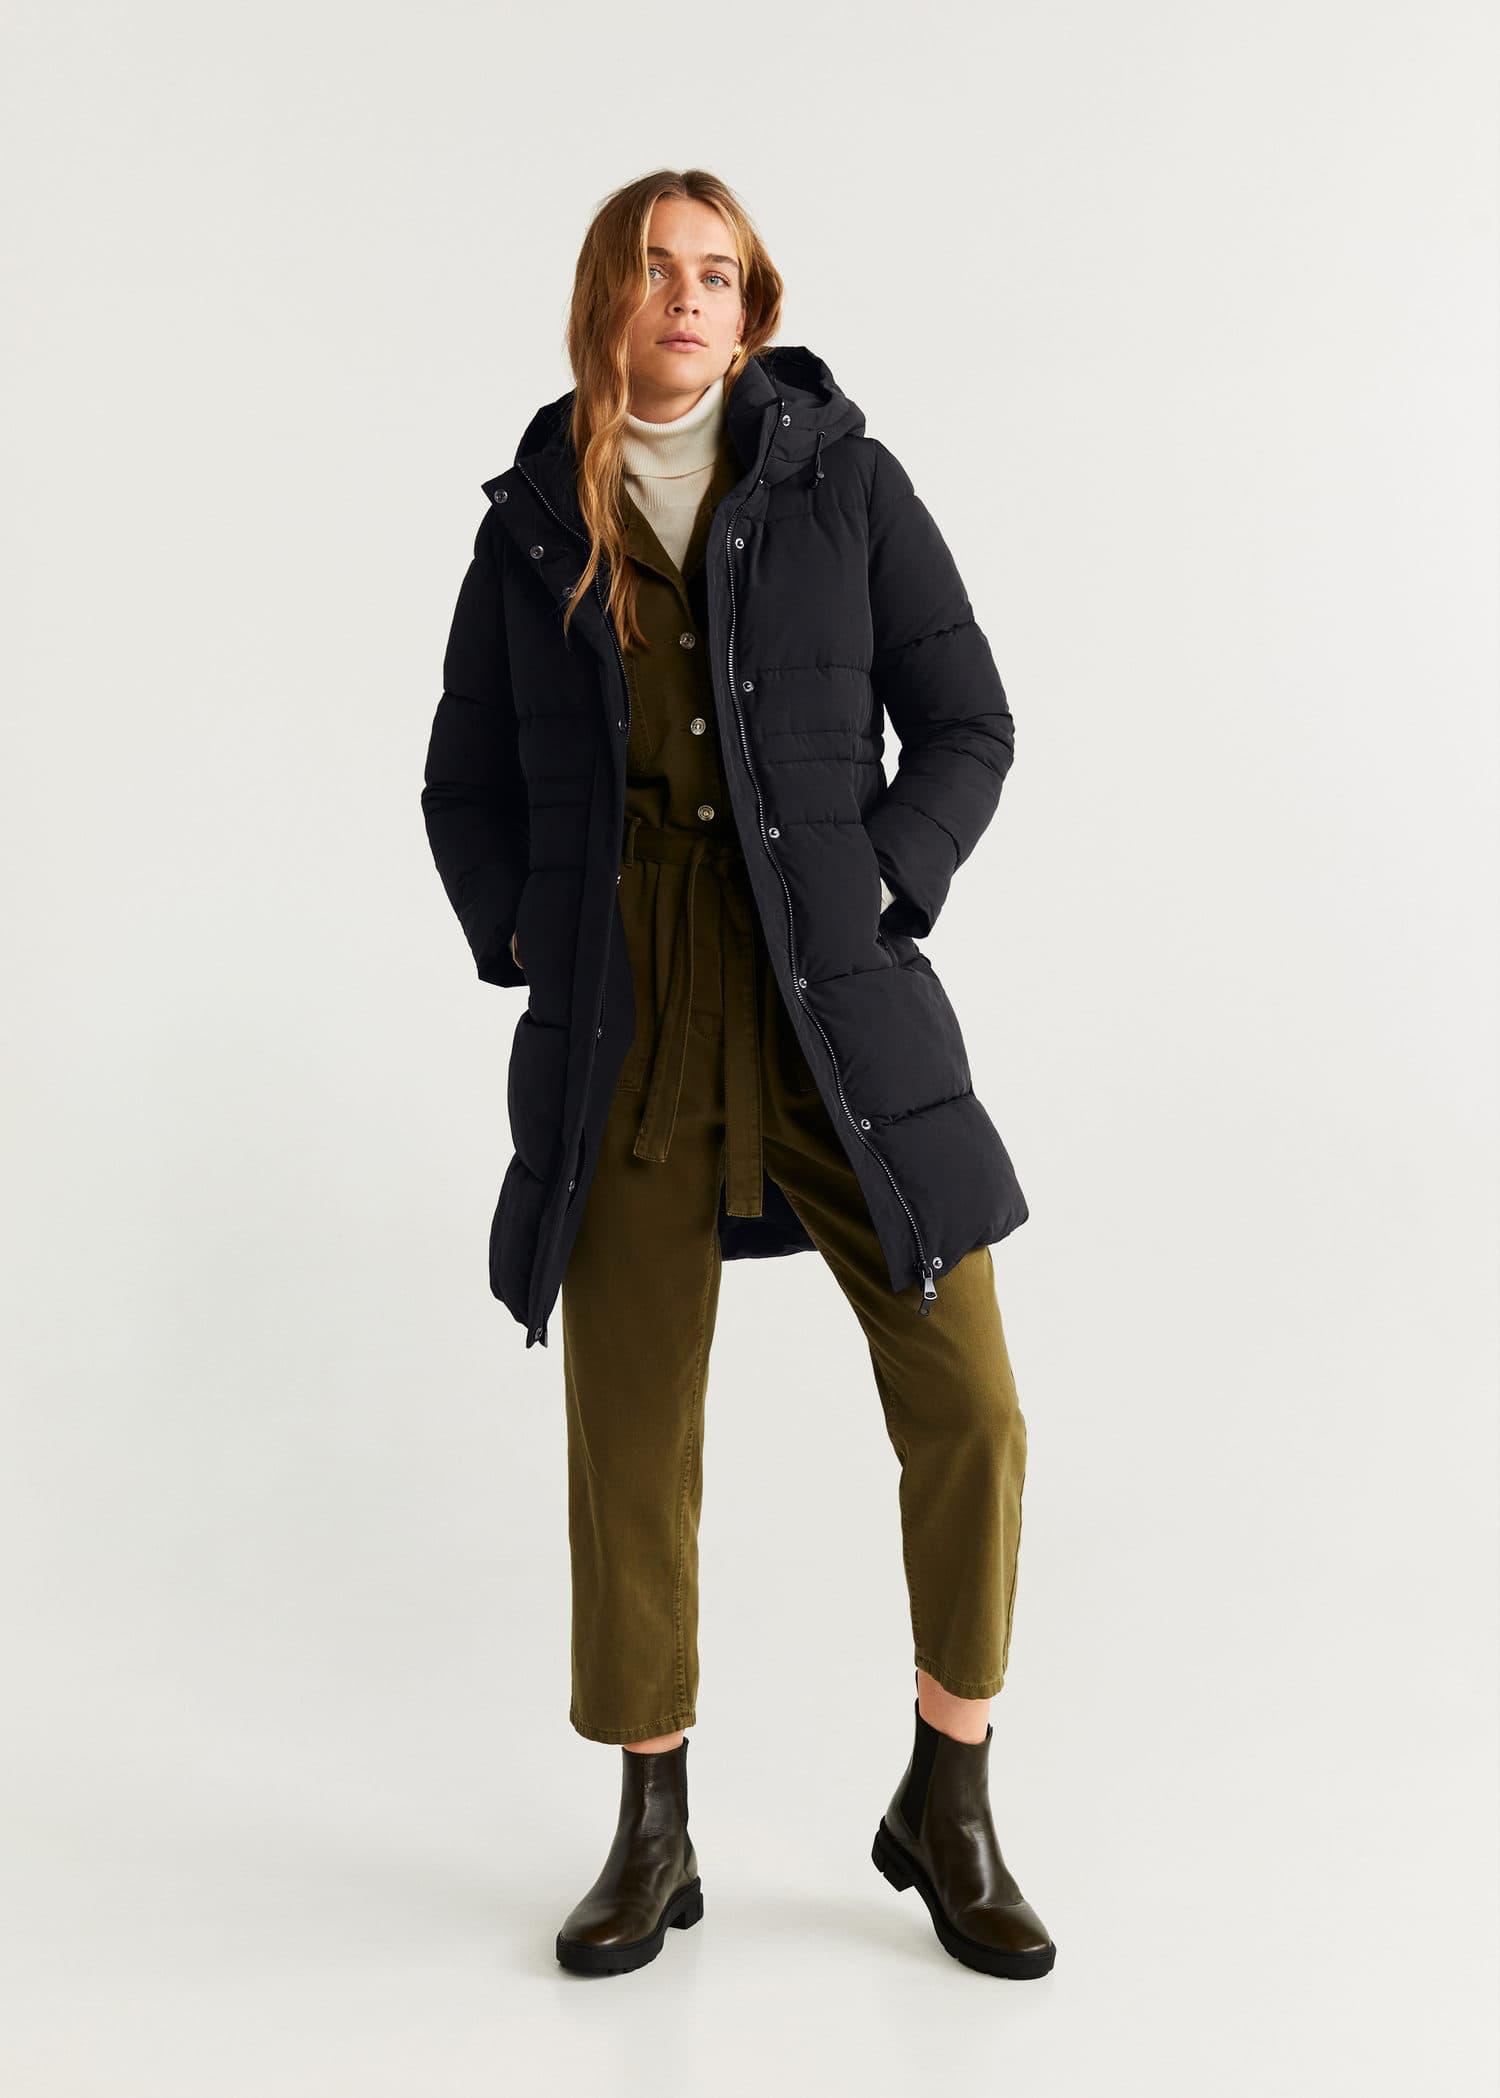 Manteau femme avec col vrai fourrure